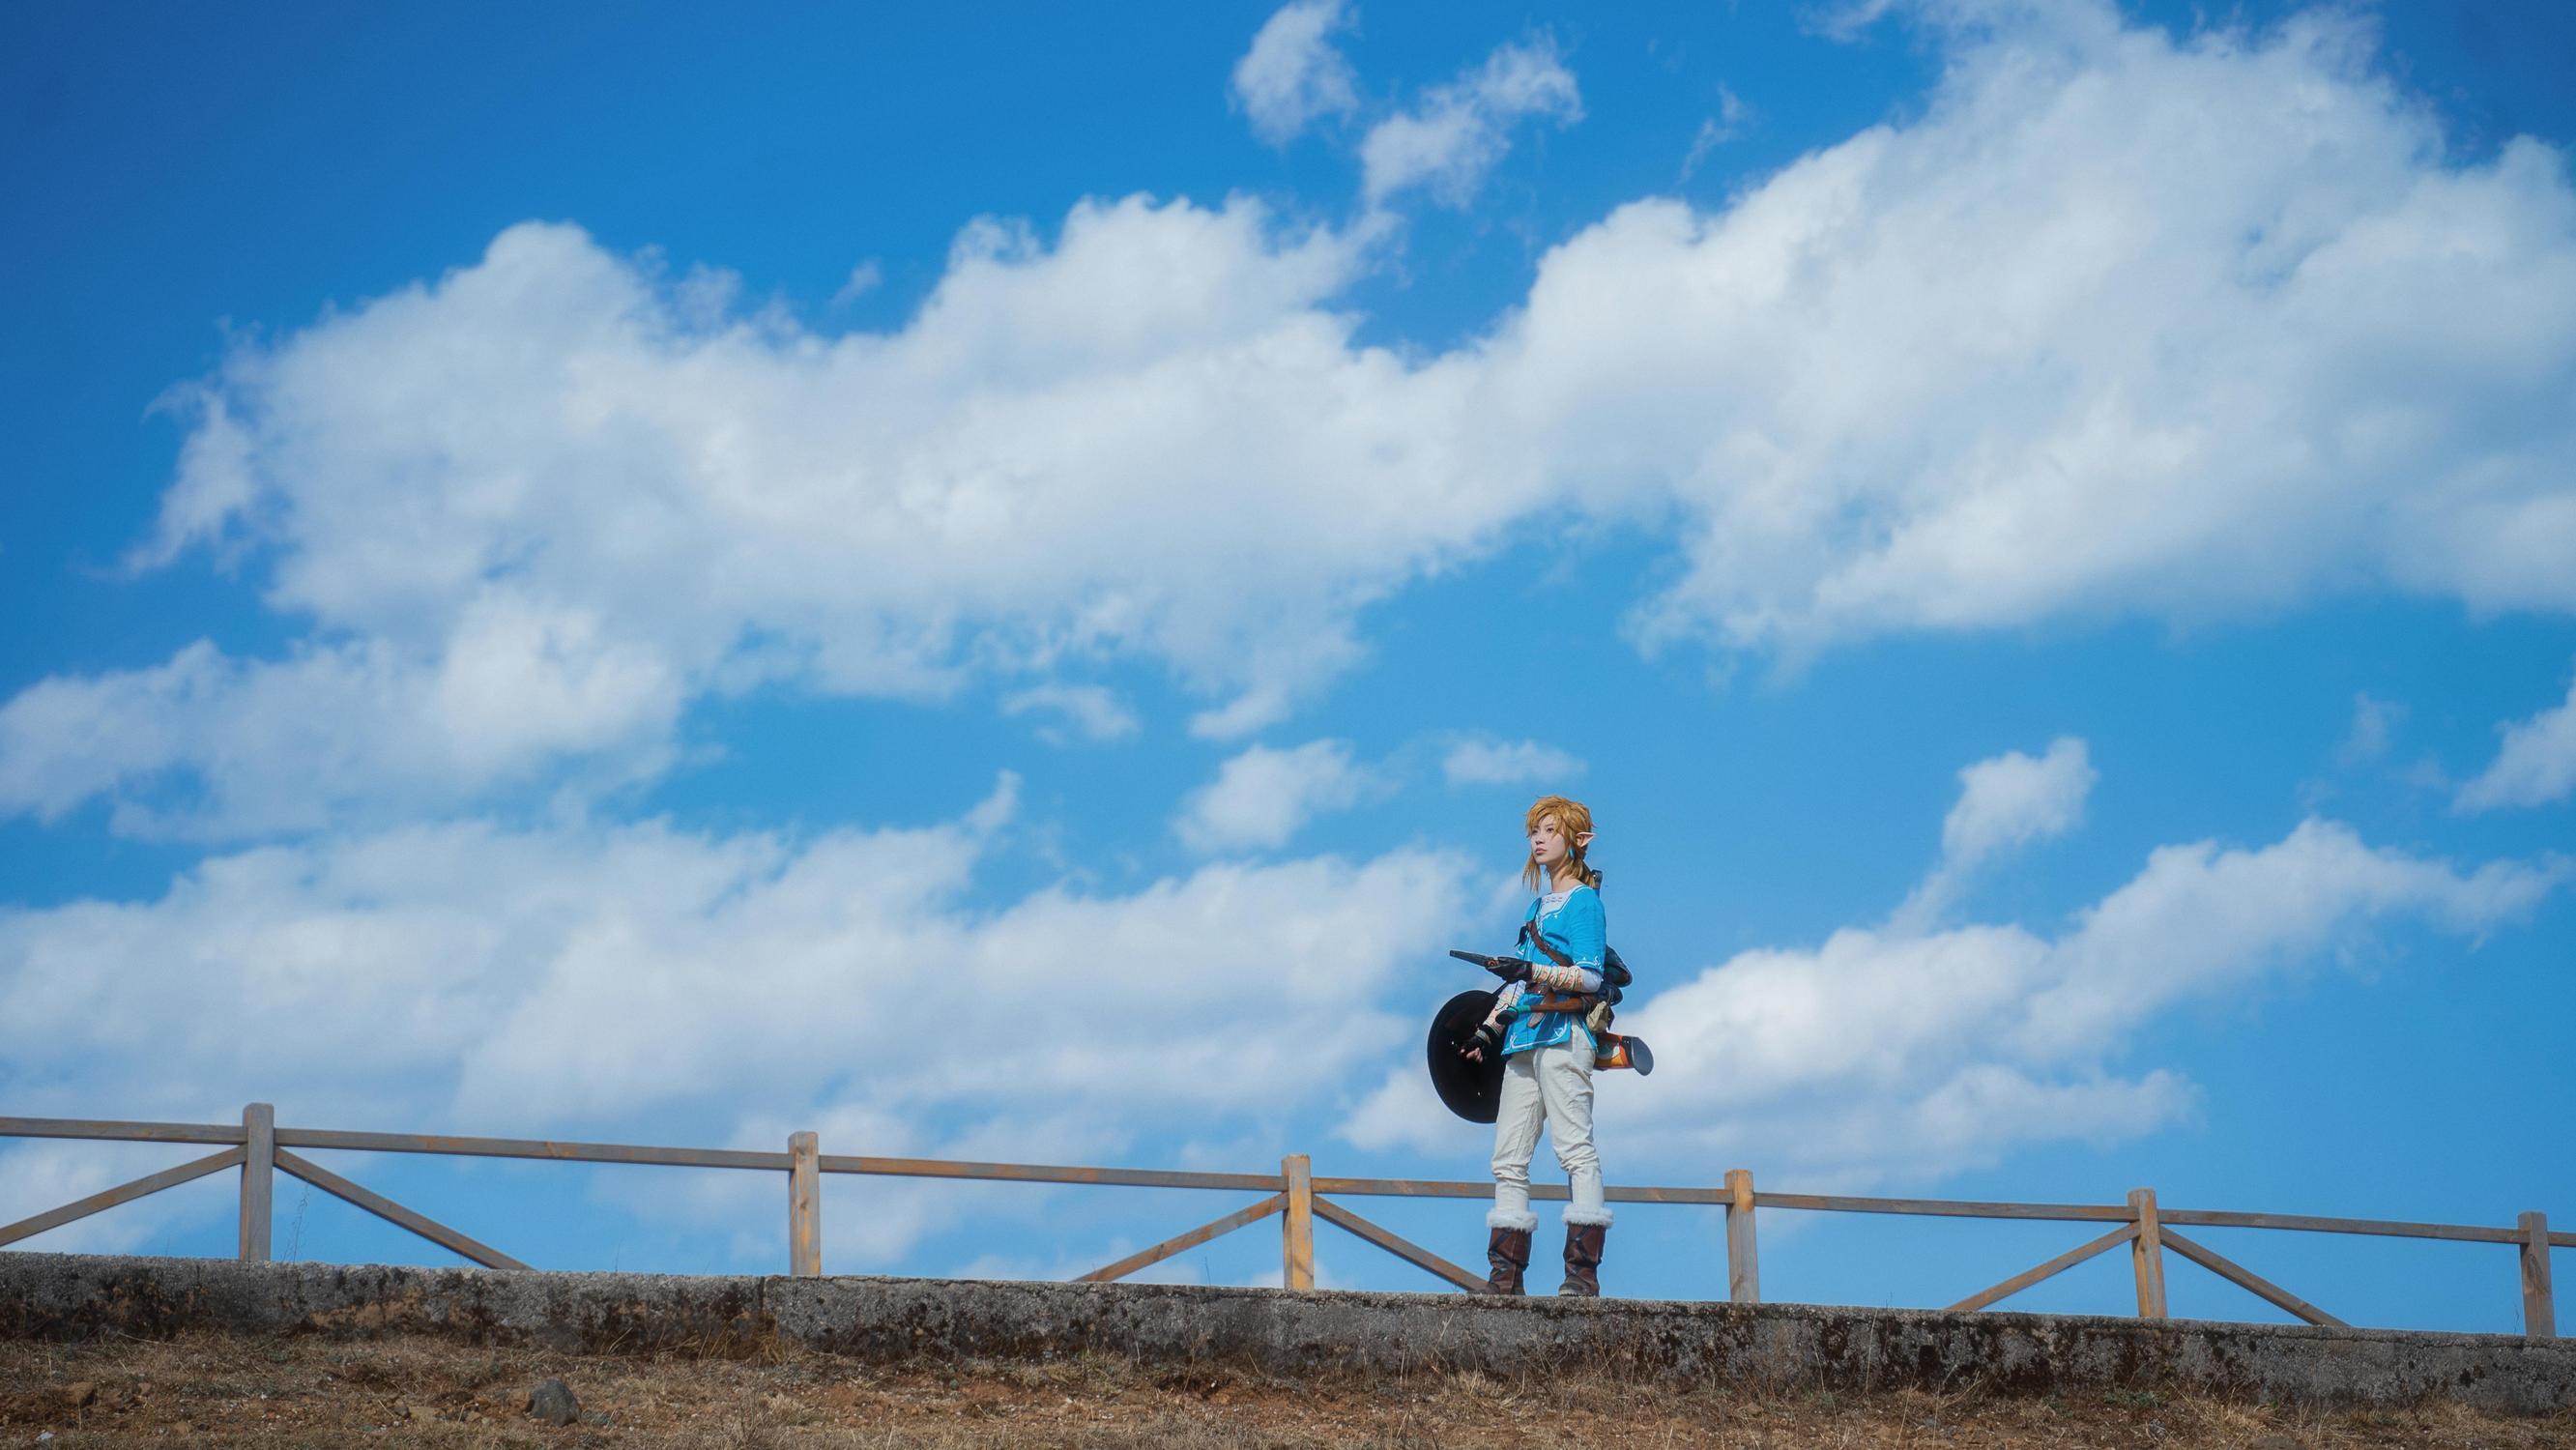 《塞尔达传说》林克cosplay【CN:萝卜汪】-第3张